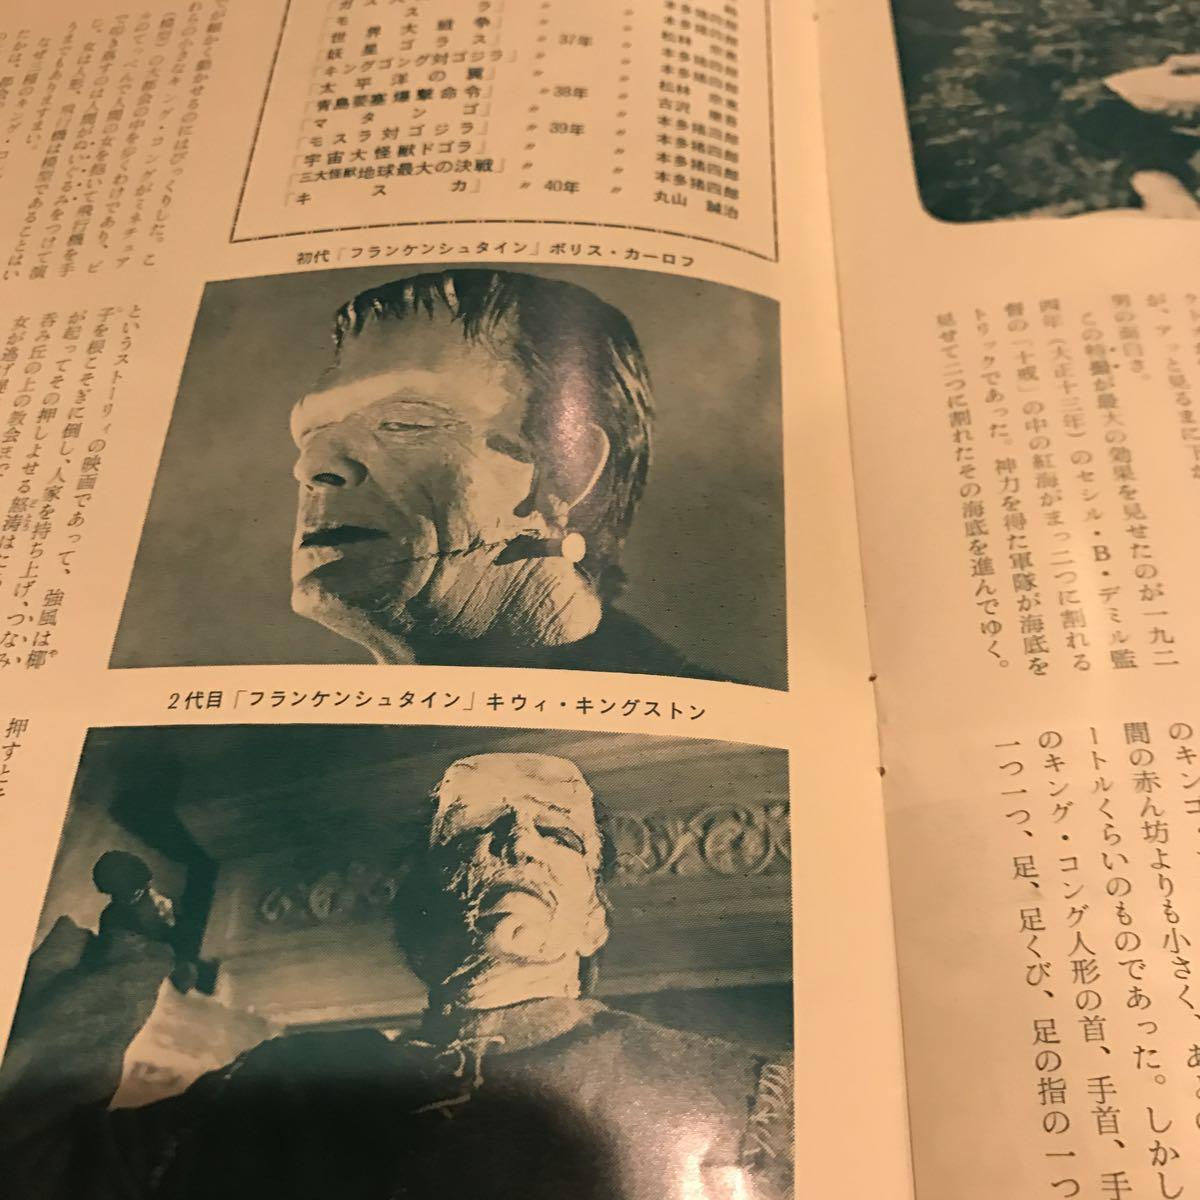 フランケンシュタイン対地底怪獣 バラゴン パンフレット 特撮 日本映画 昭和レトロ 美品 レア_画像5